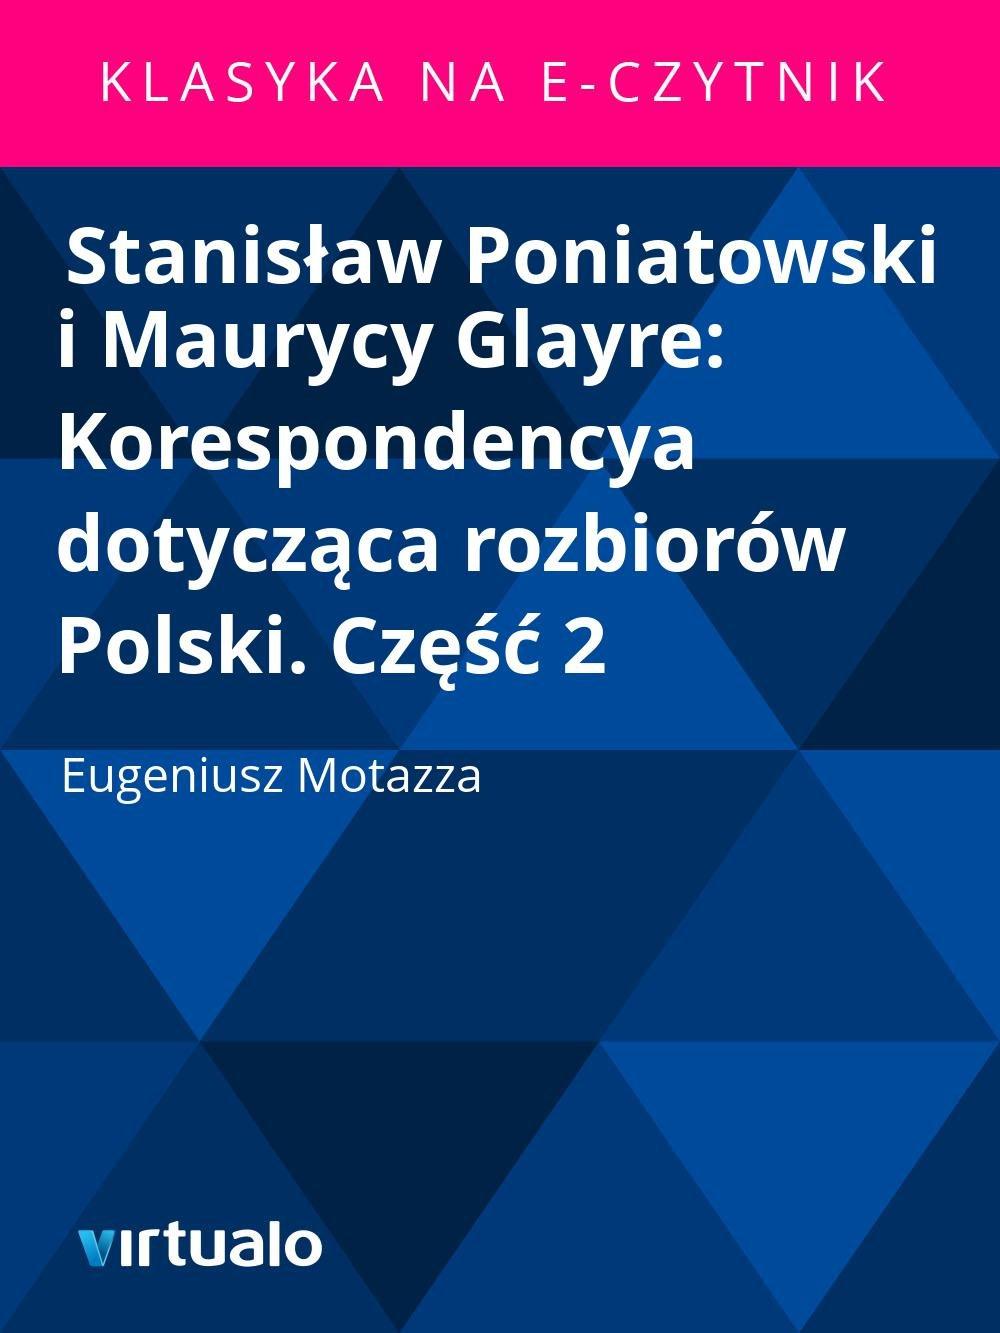 Stanisław Poniatowski i Maurycy Glayre: Korespondencya dotycząca rozbiorów Polski. Część 2 - Ebook (Książka EPUB) do pobrania w formacie EPUB